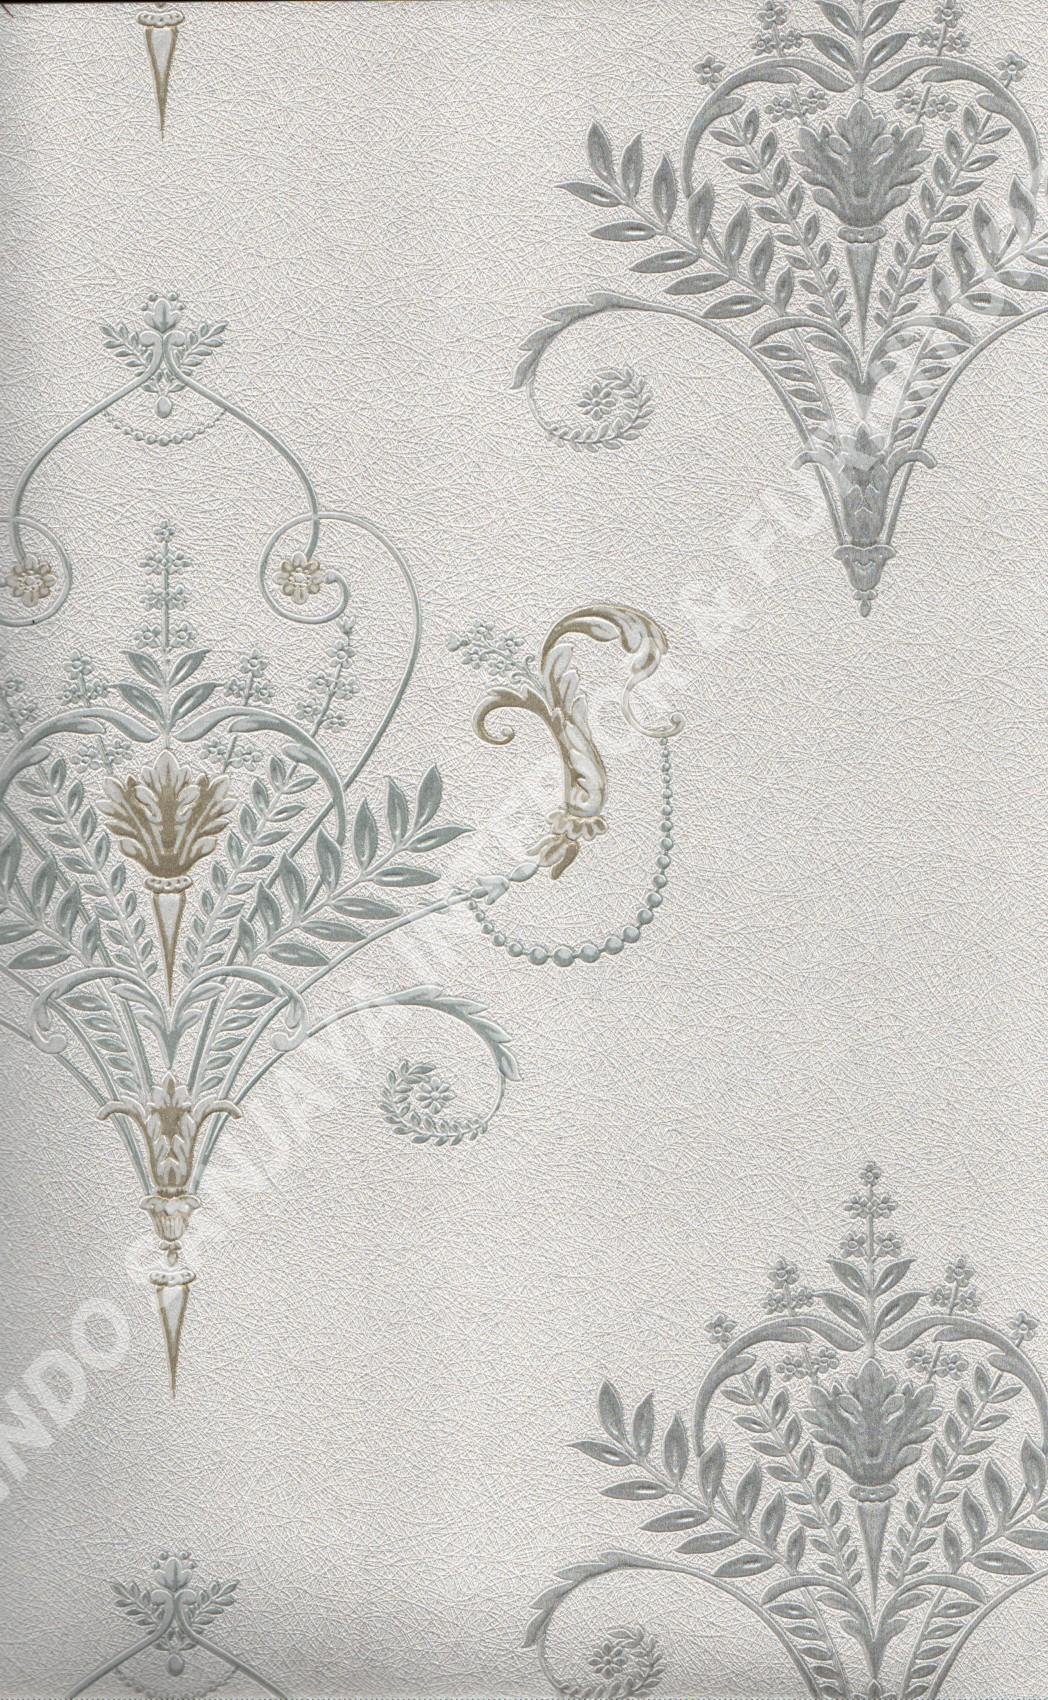 wallpaper   Wallpaper Klasik Batik (Damask) 83128-1:83128-1 corak  warna